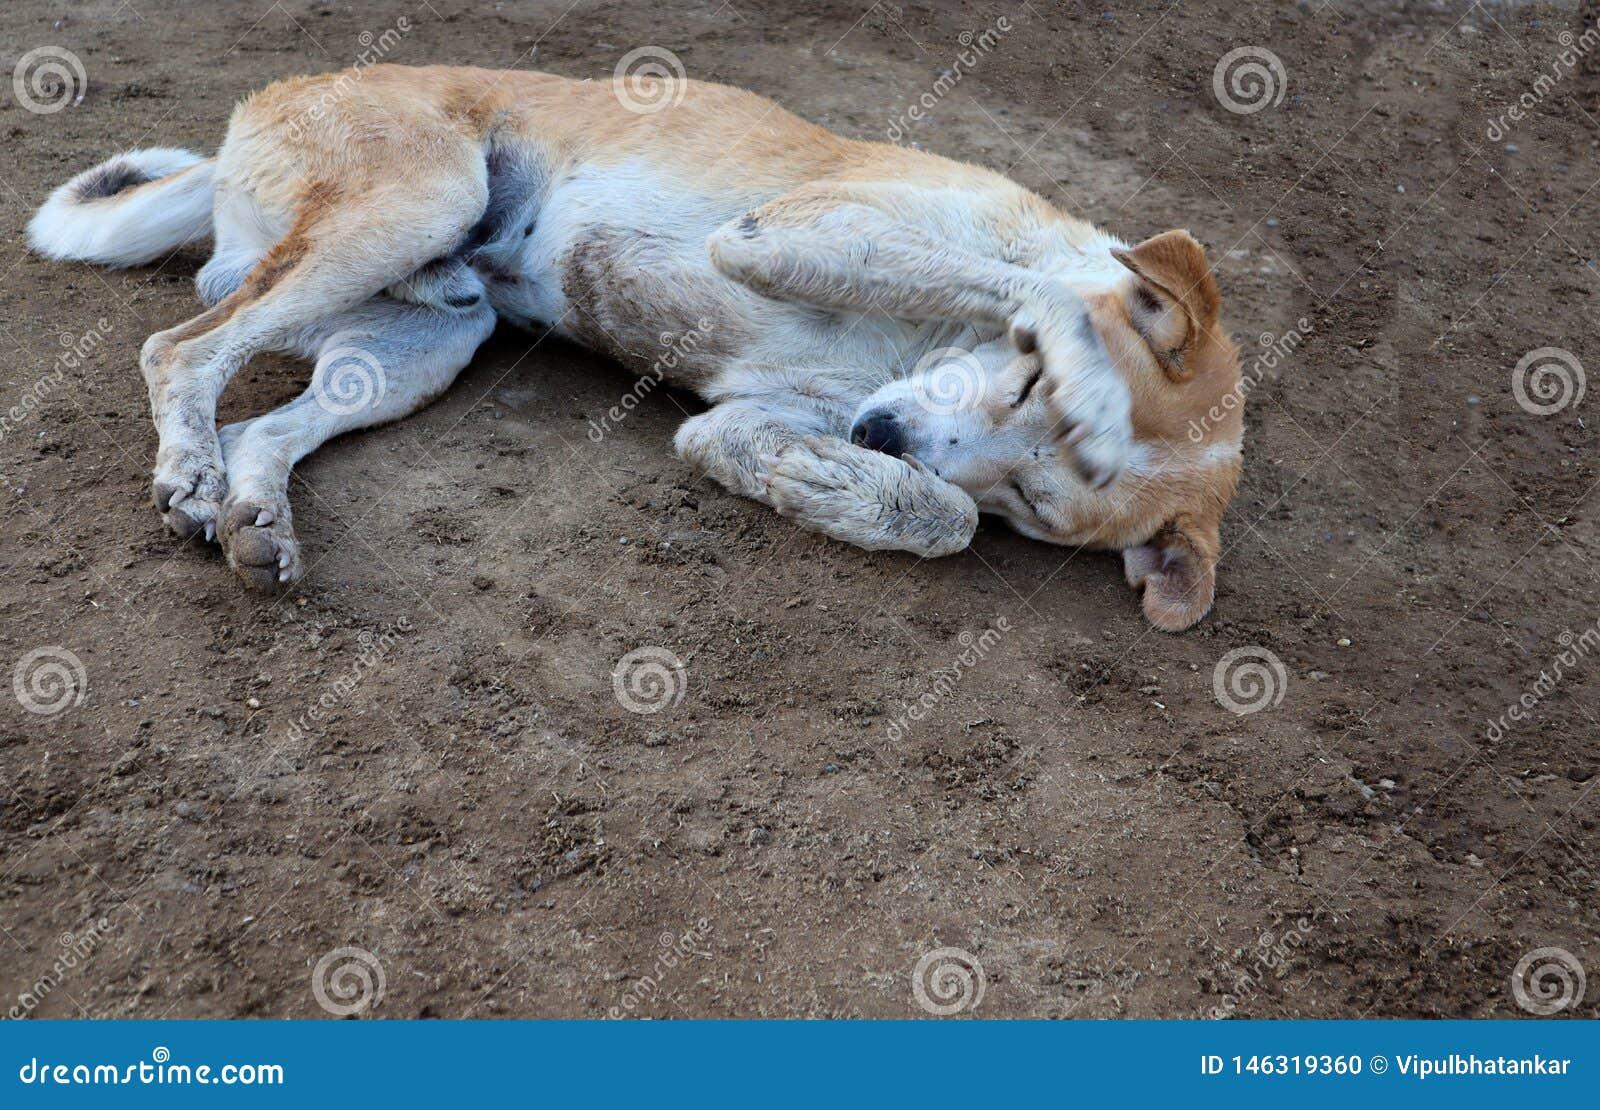 Застенчивая собака спать на земле